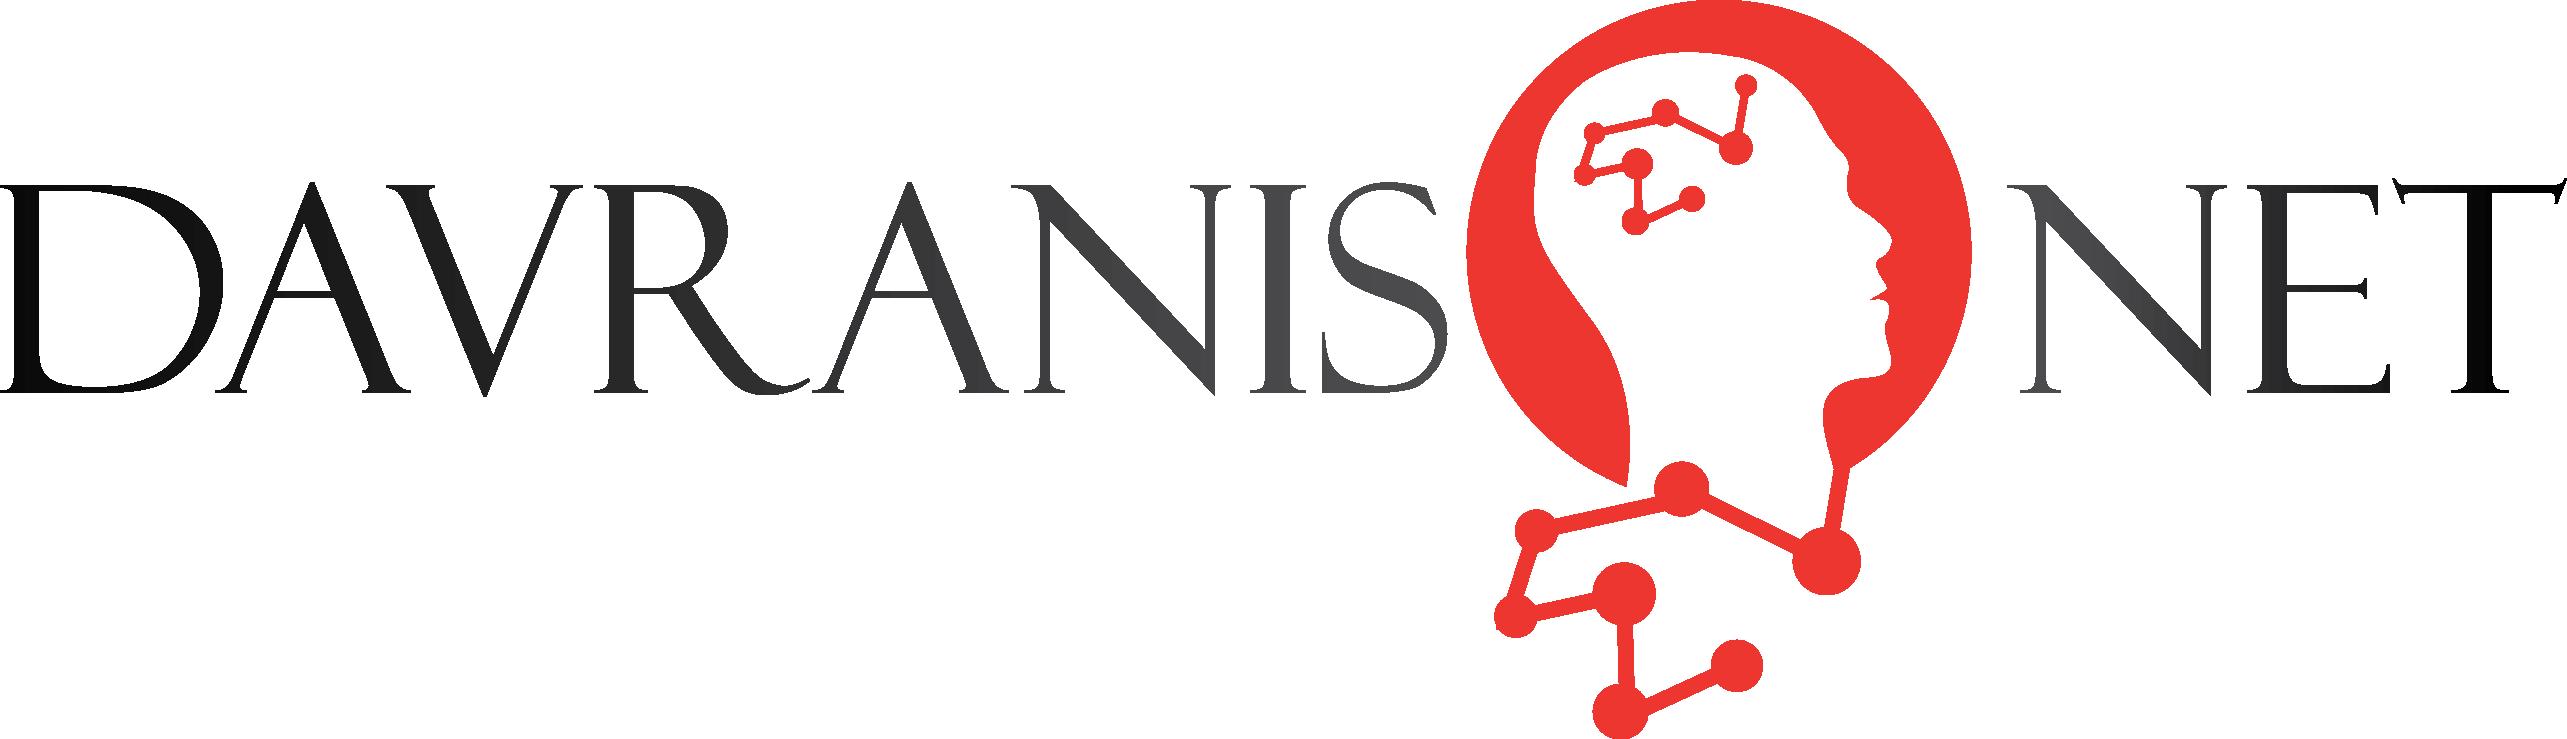 DAVRANIS.Net